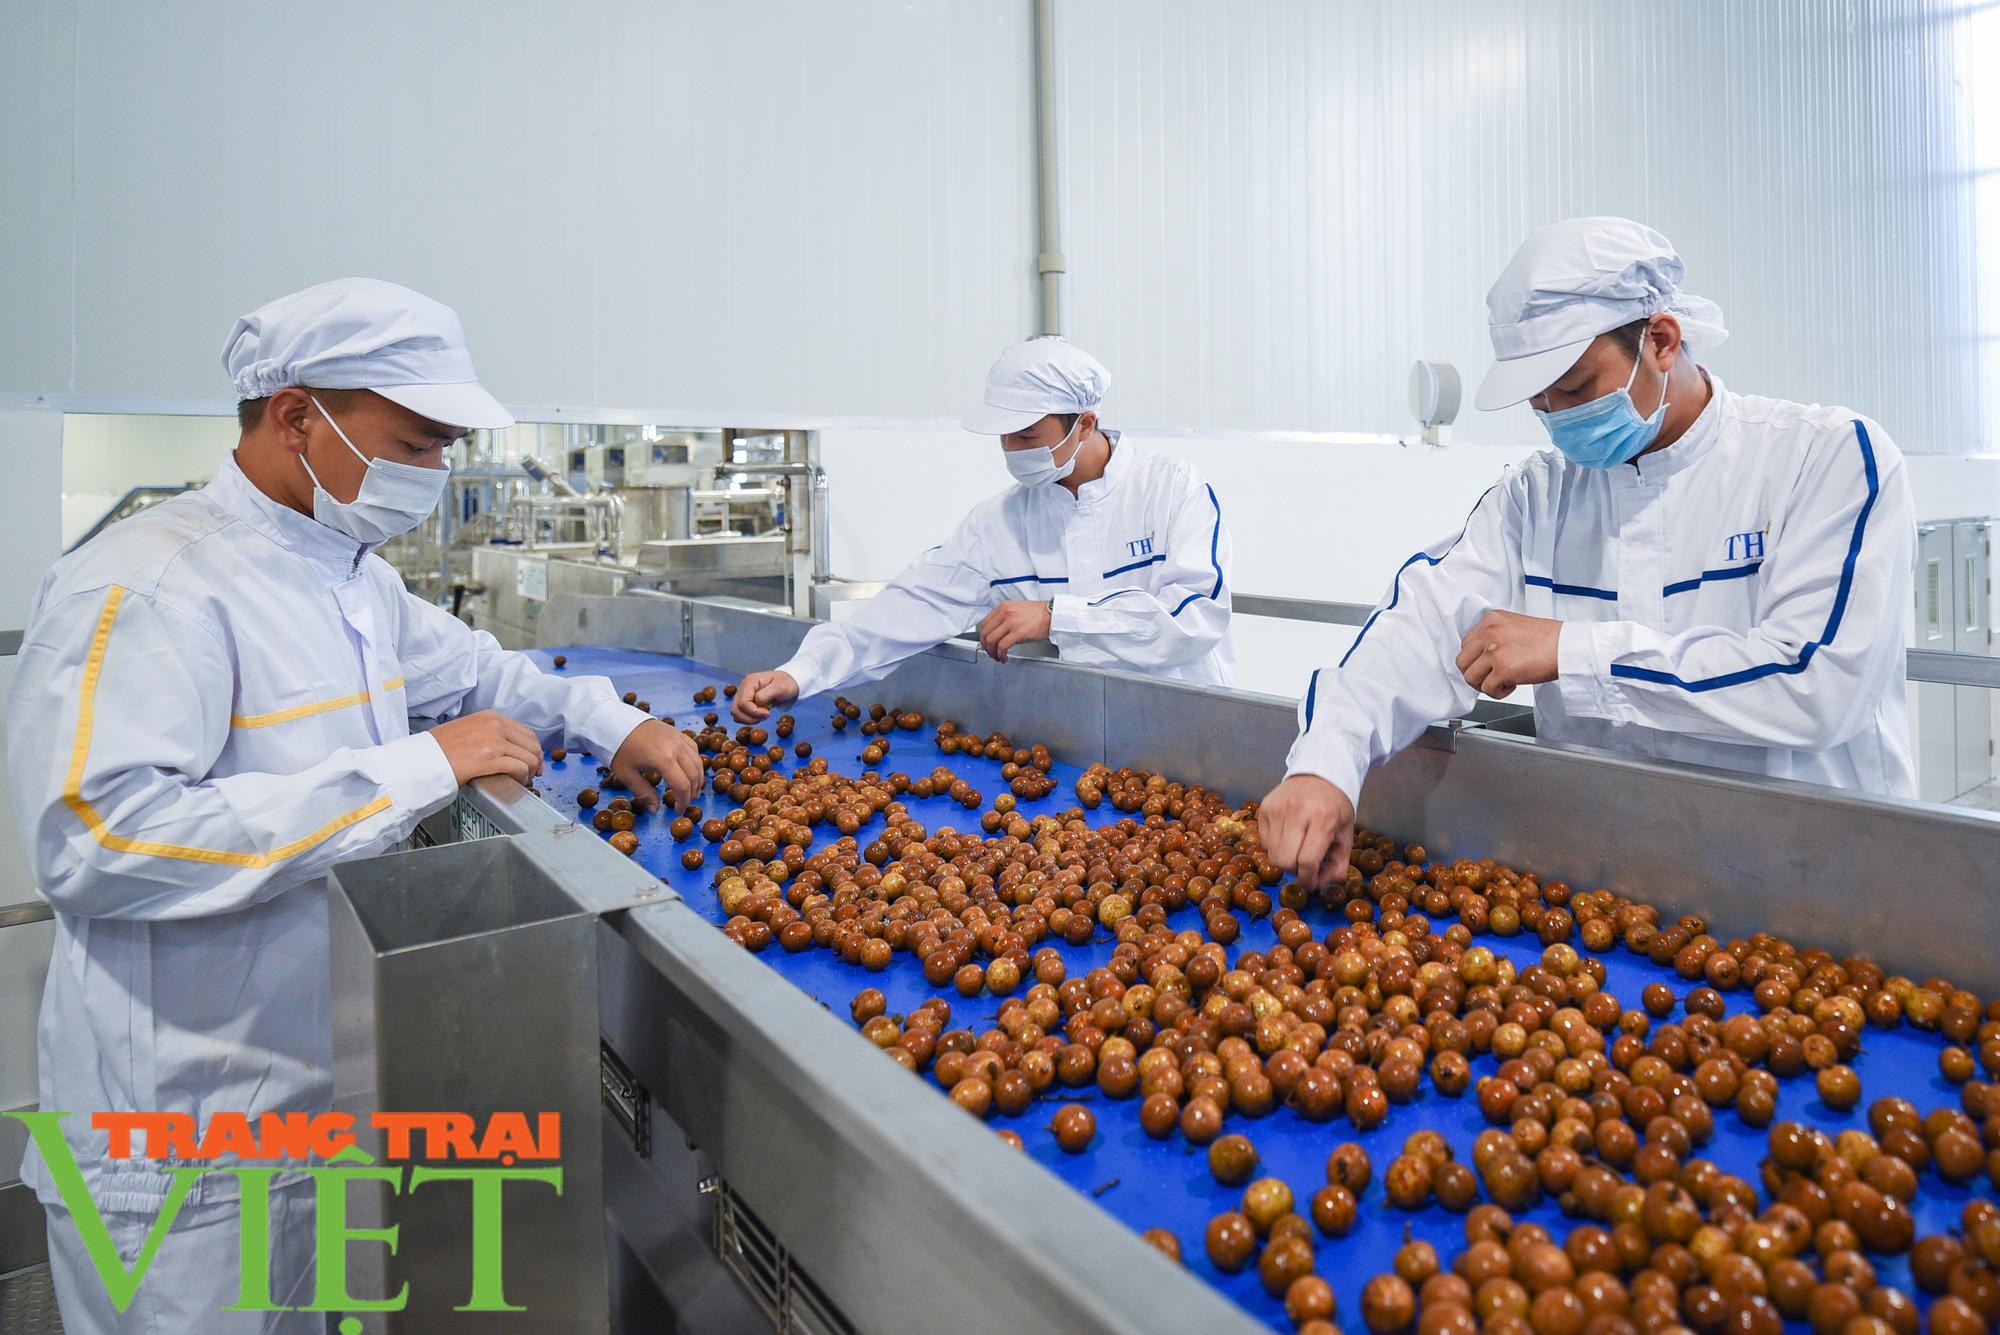 Nhà máy đi vào hoạt động sẽ giúp đảm bảo đầu ra cho nông sản Sơn La - Ảnh 1.